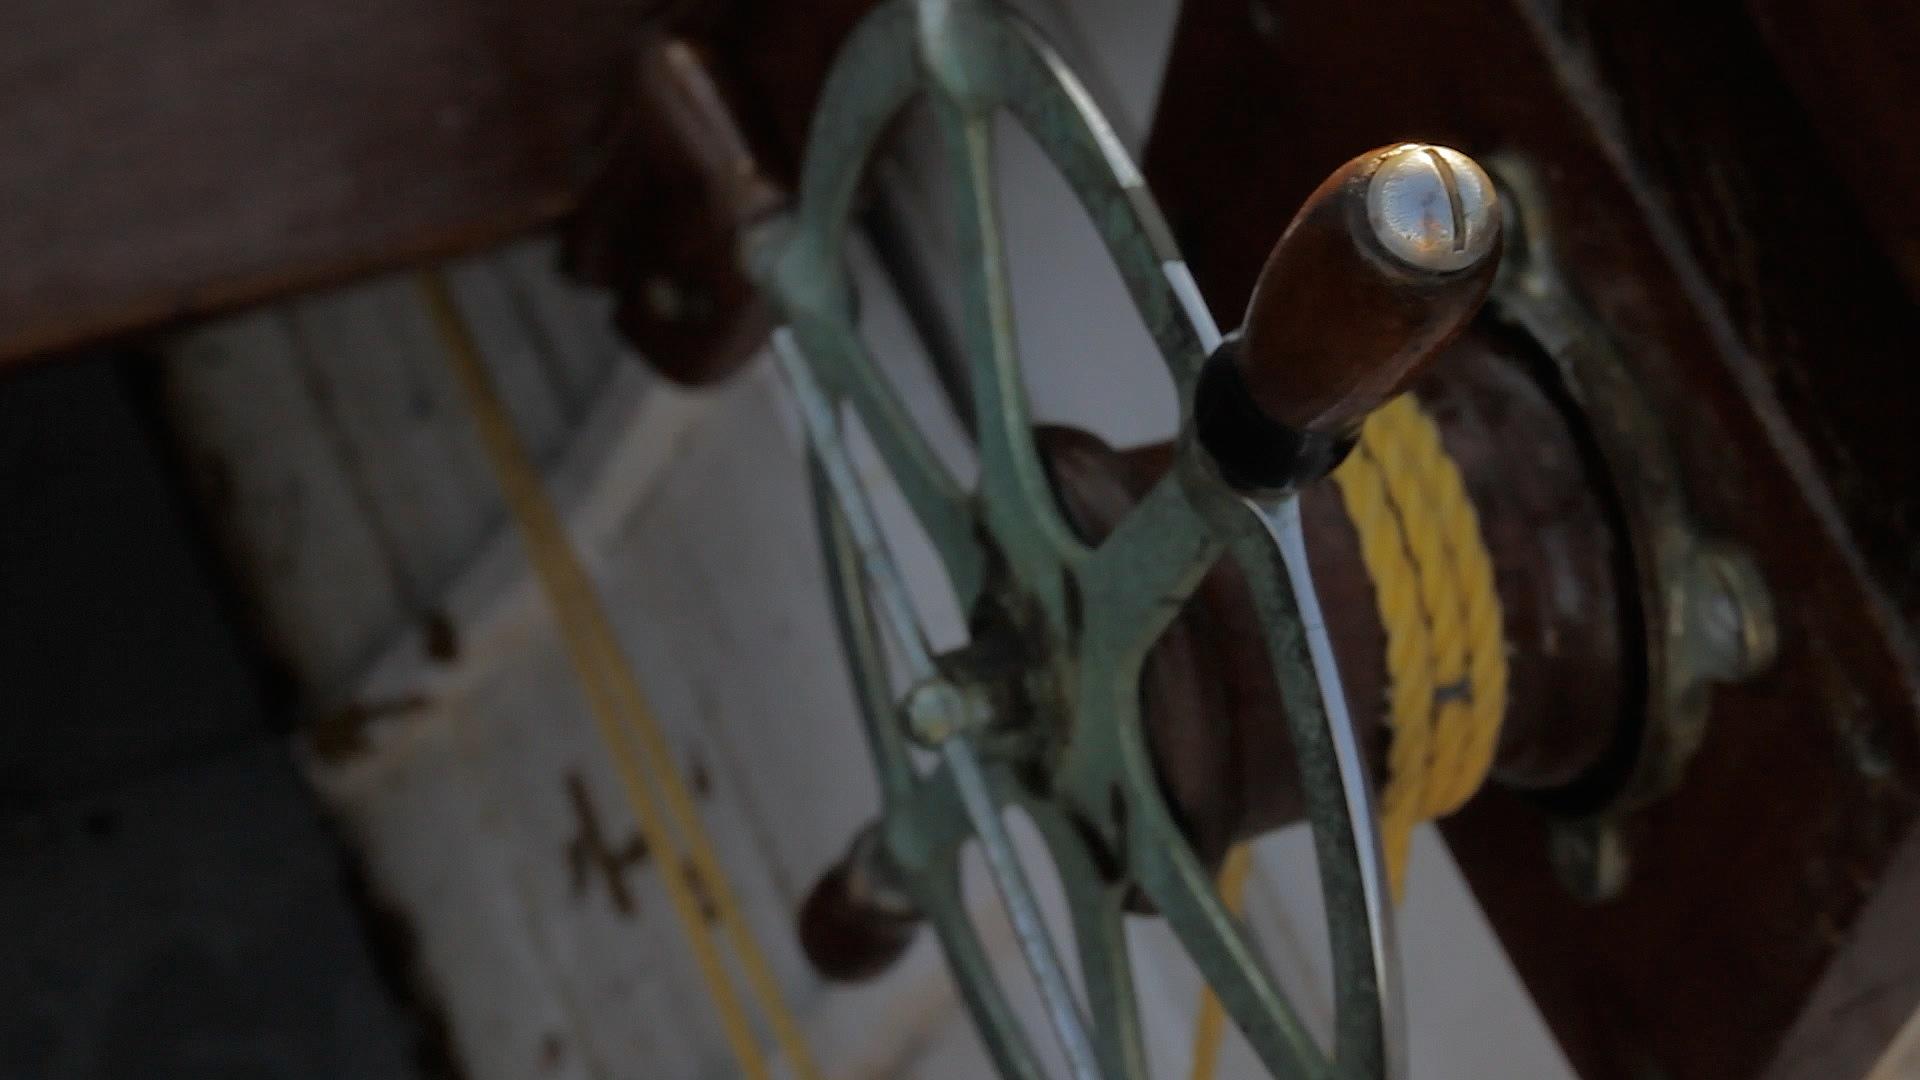 Starboard-Light-in-Stills_78.jpg